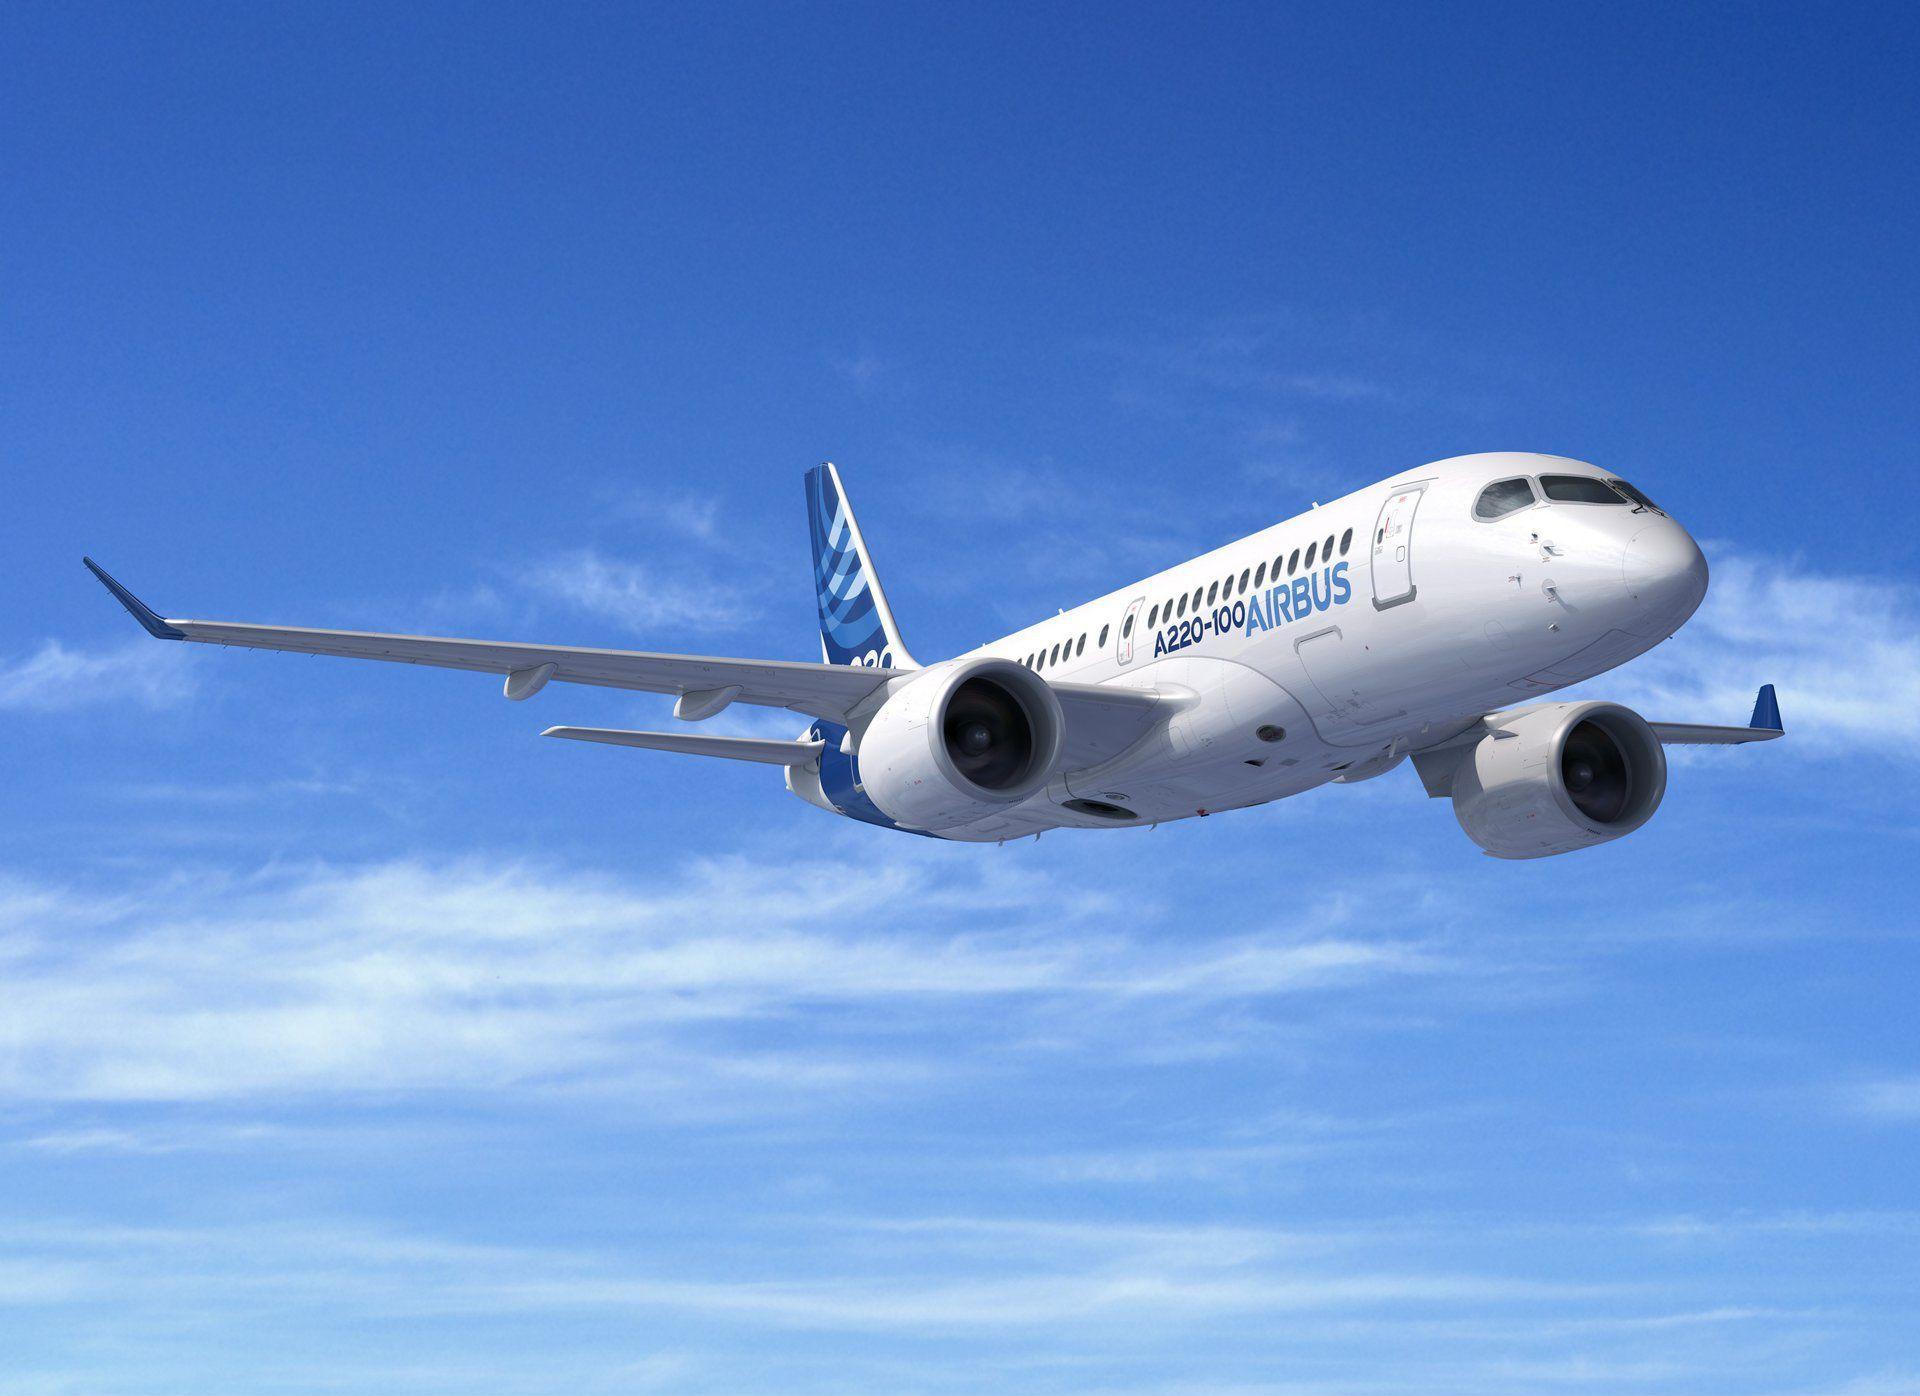 中距離旅客機 A220-100101-150ターボジェットエンジン10 t ... 20 t